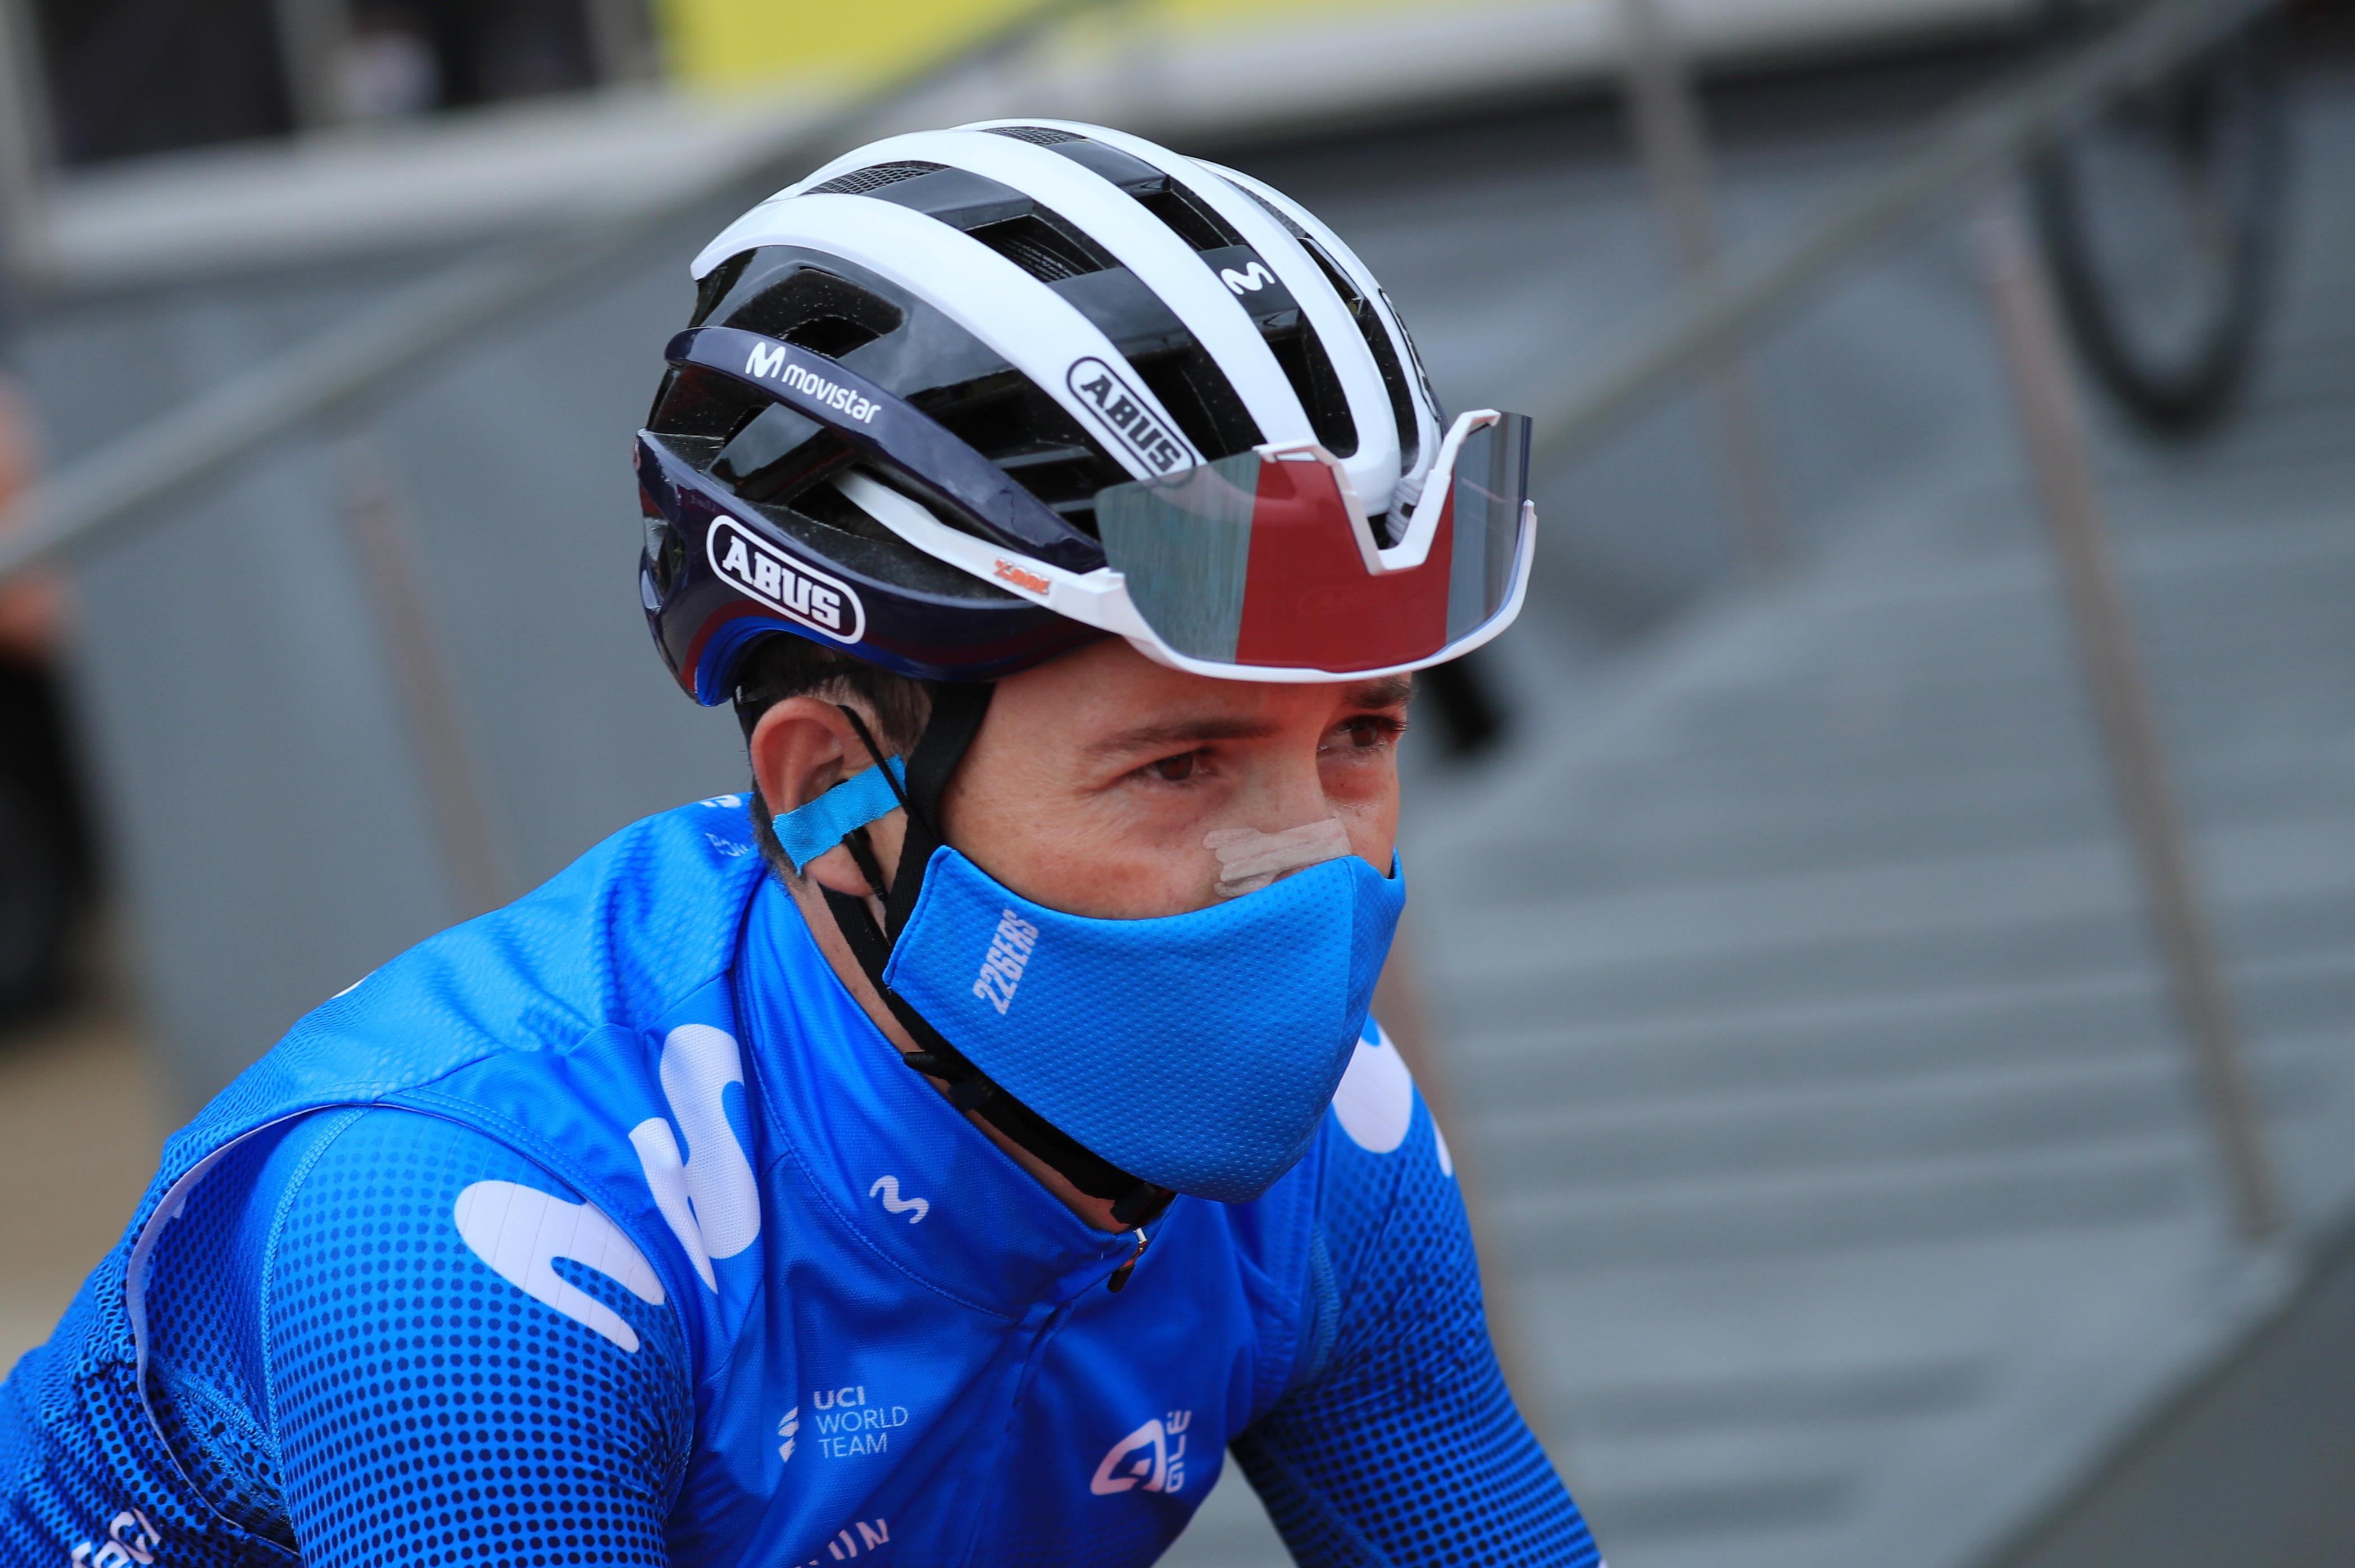 Perdió la bicicleta y también más tiempo: Miguel Ángel López, de nuevo  víctima de una caída en el Tour de Francia - Infobae